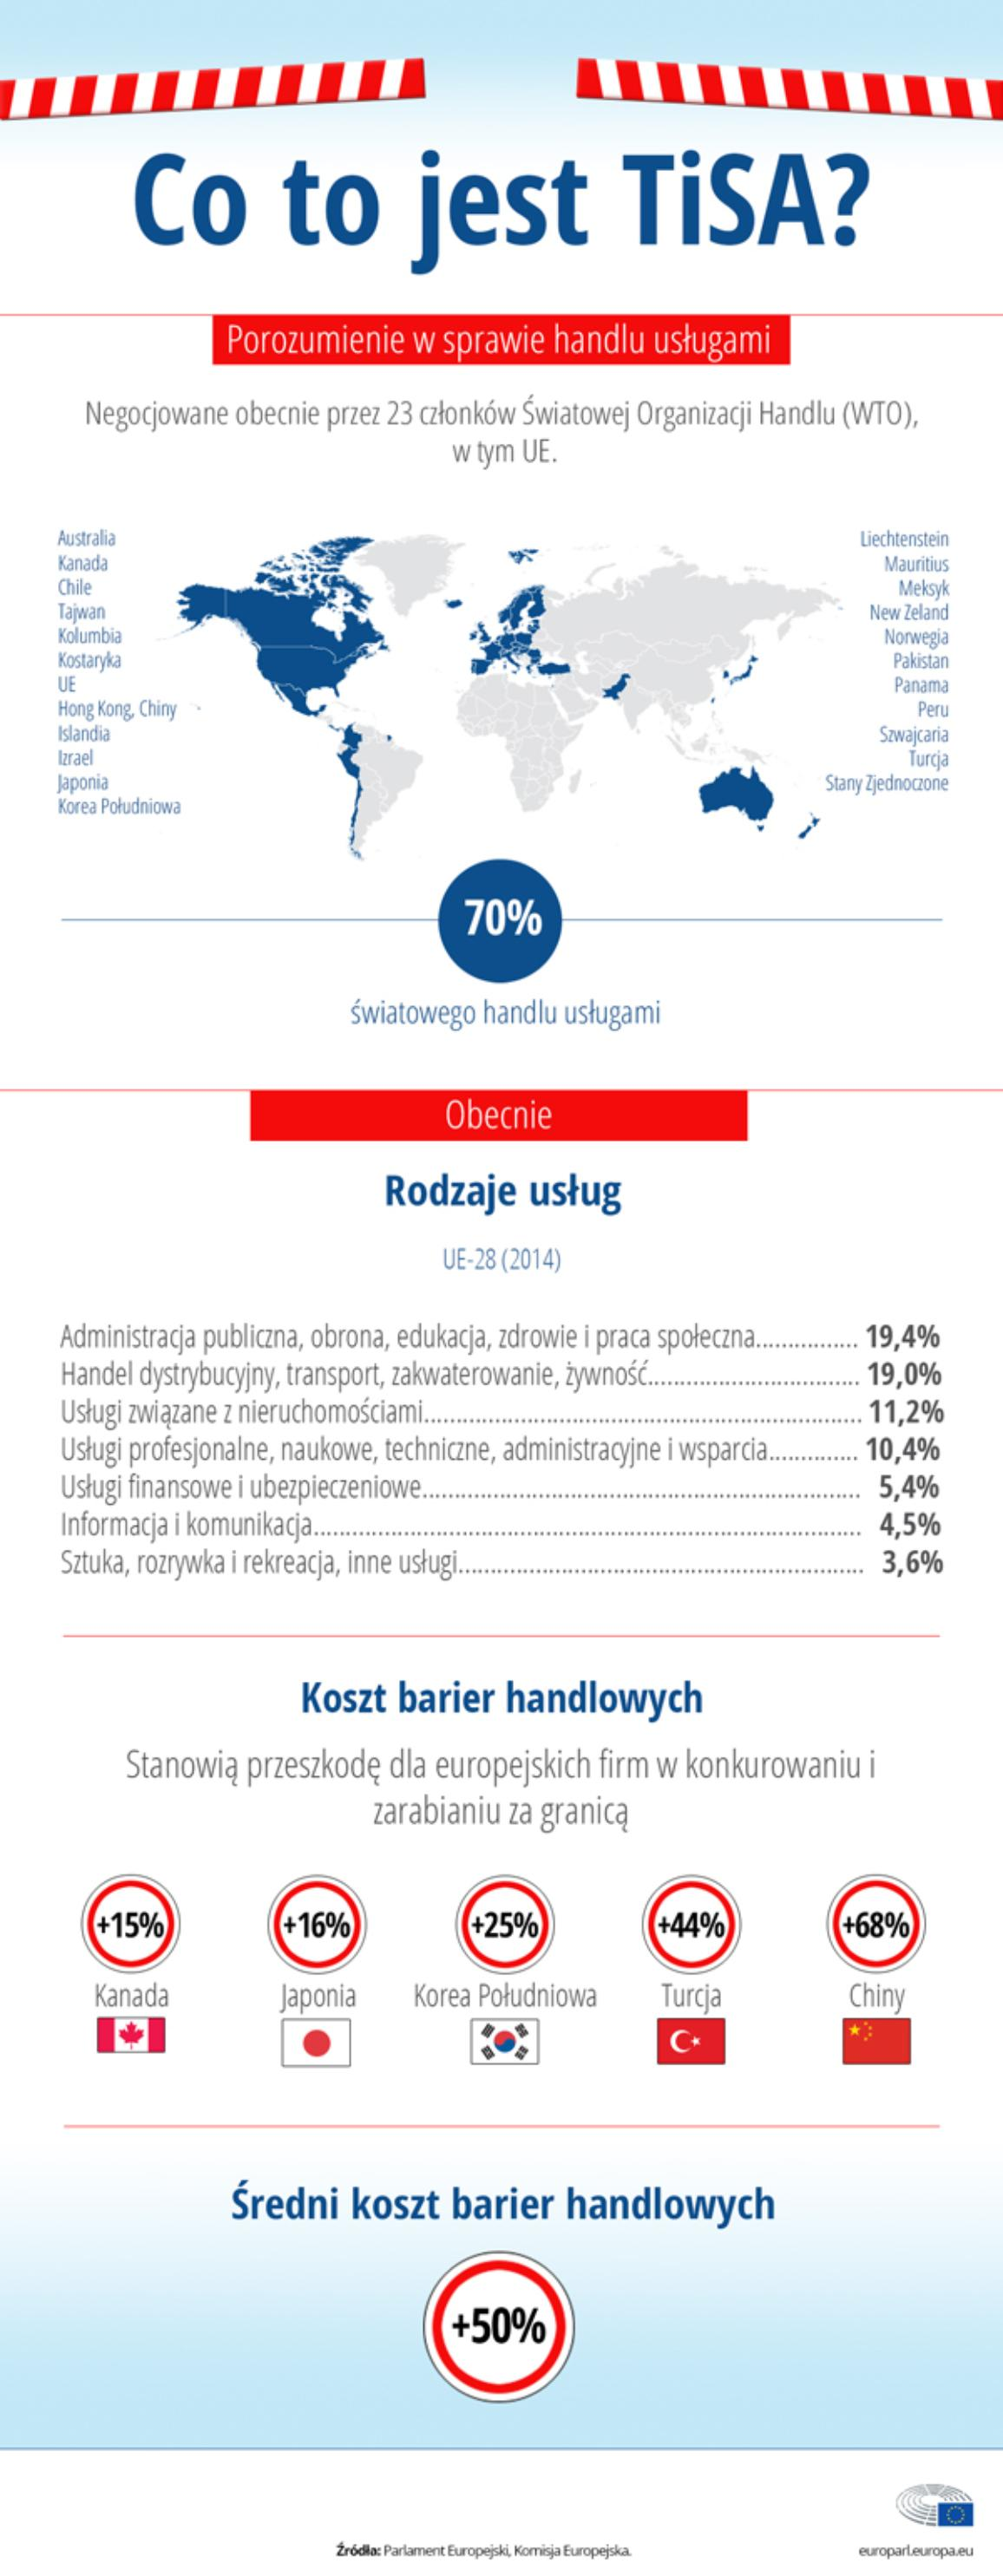 TiSA, czyli porozumienie ws. handlu usługami